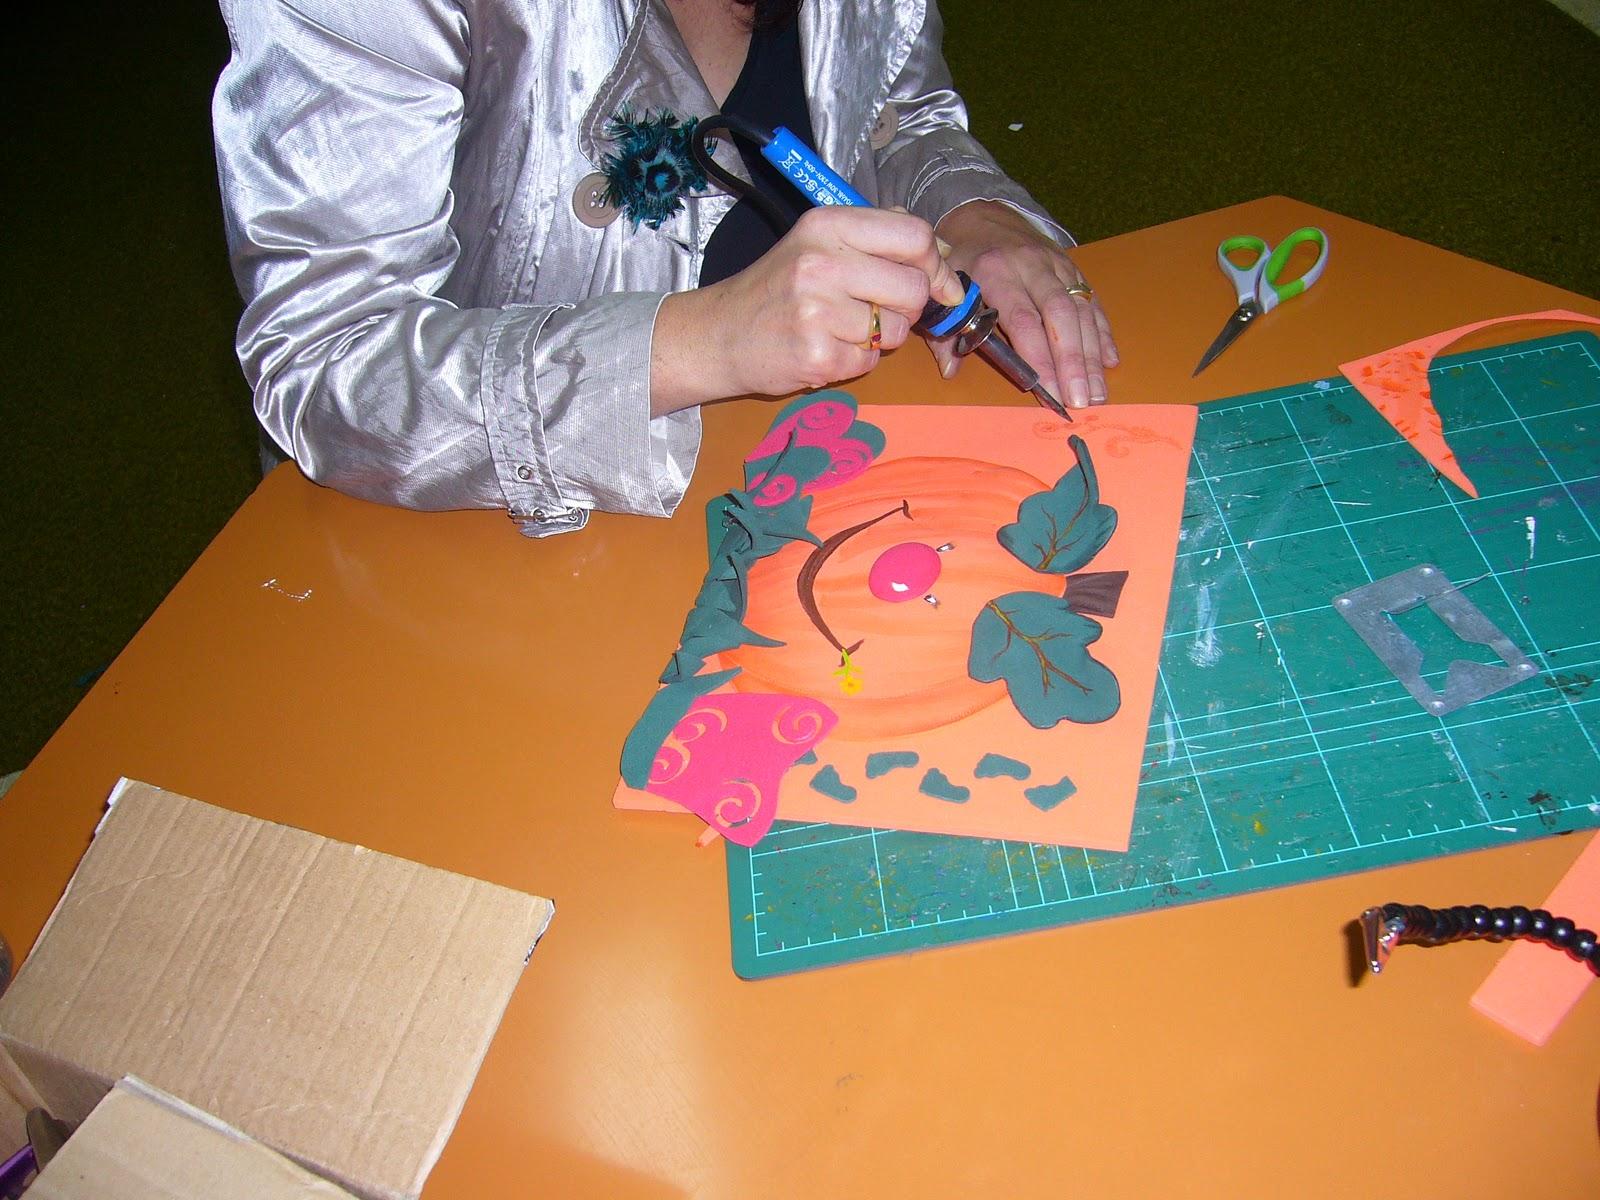 http://2.bp.blogspot.com/_UwtWR98eE-g/TKhcmUr7O7I/AAAAAAAAA-c/u9daHbo0cvs/s1600/curso+Trabada-Lugo+018.JPG